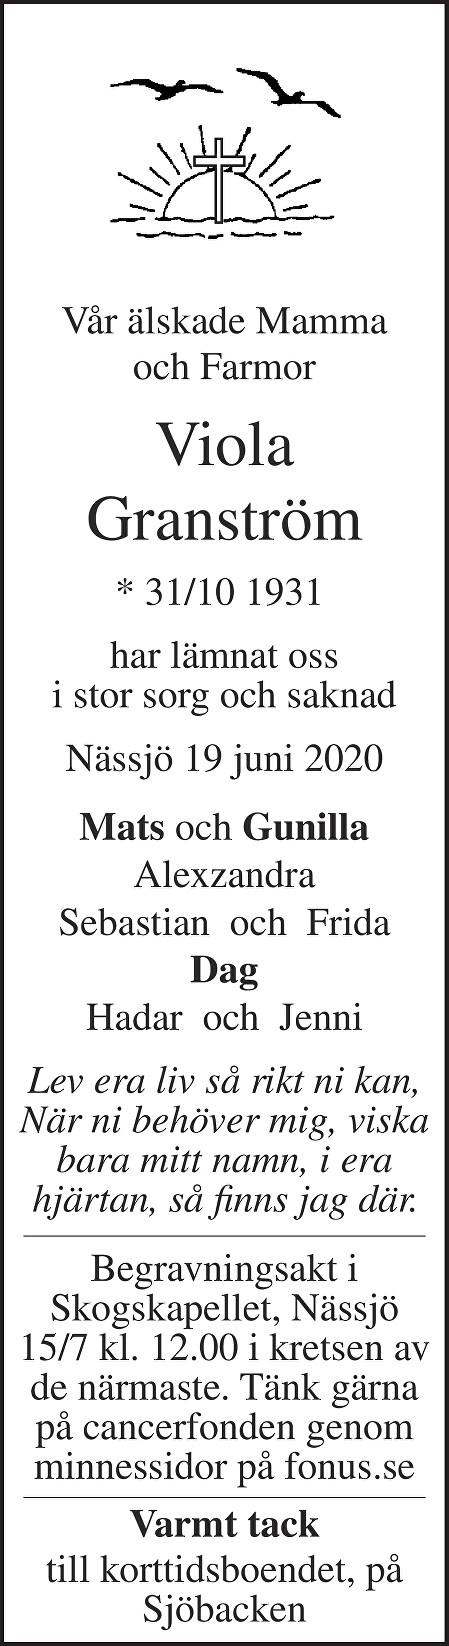 Viola Granström Death notice